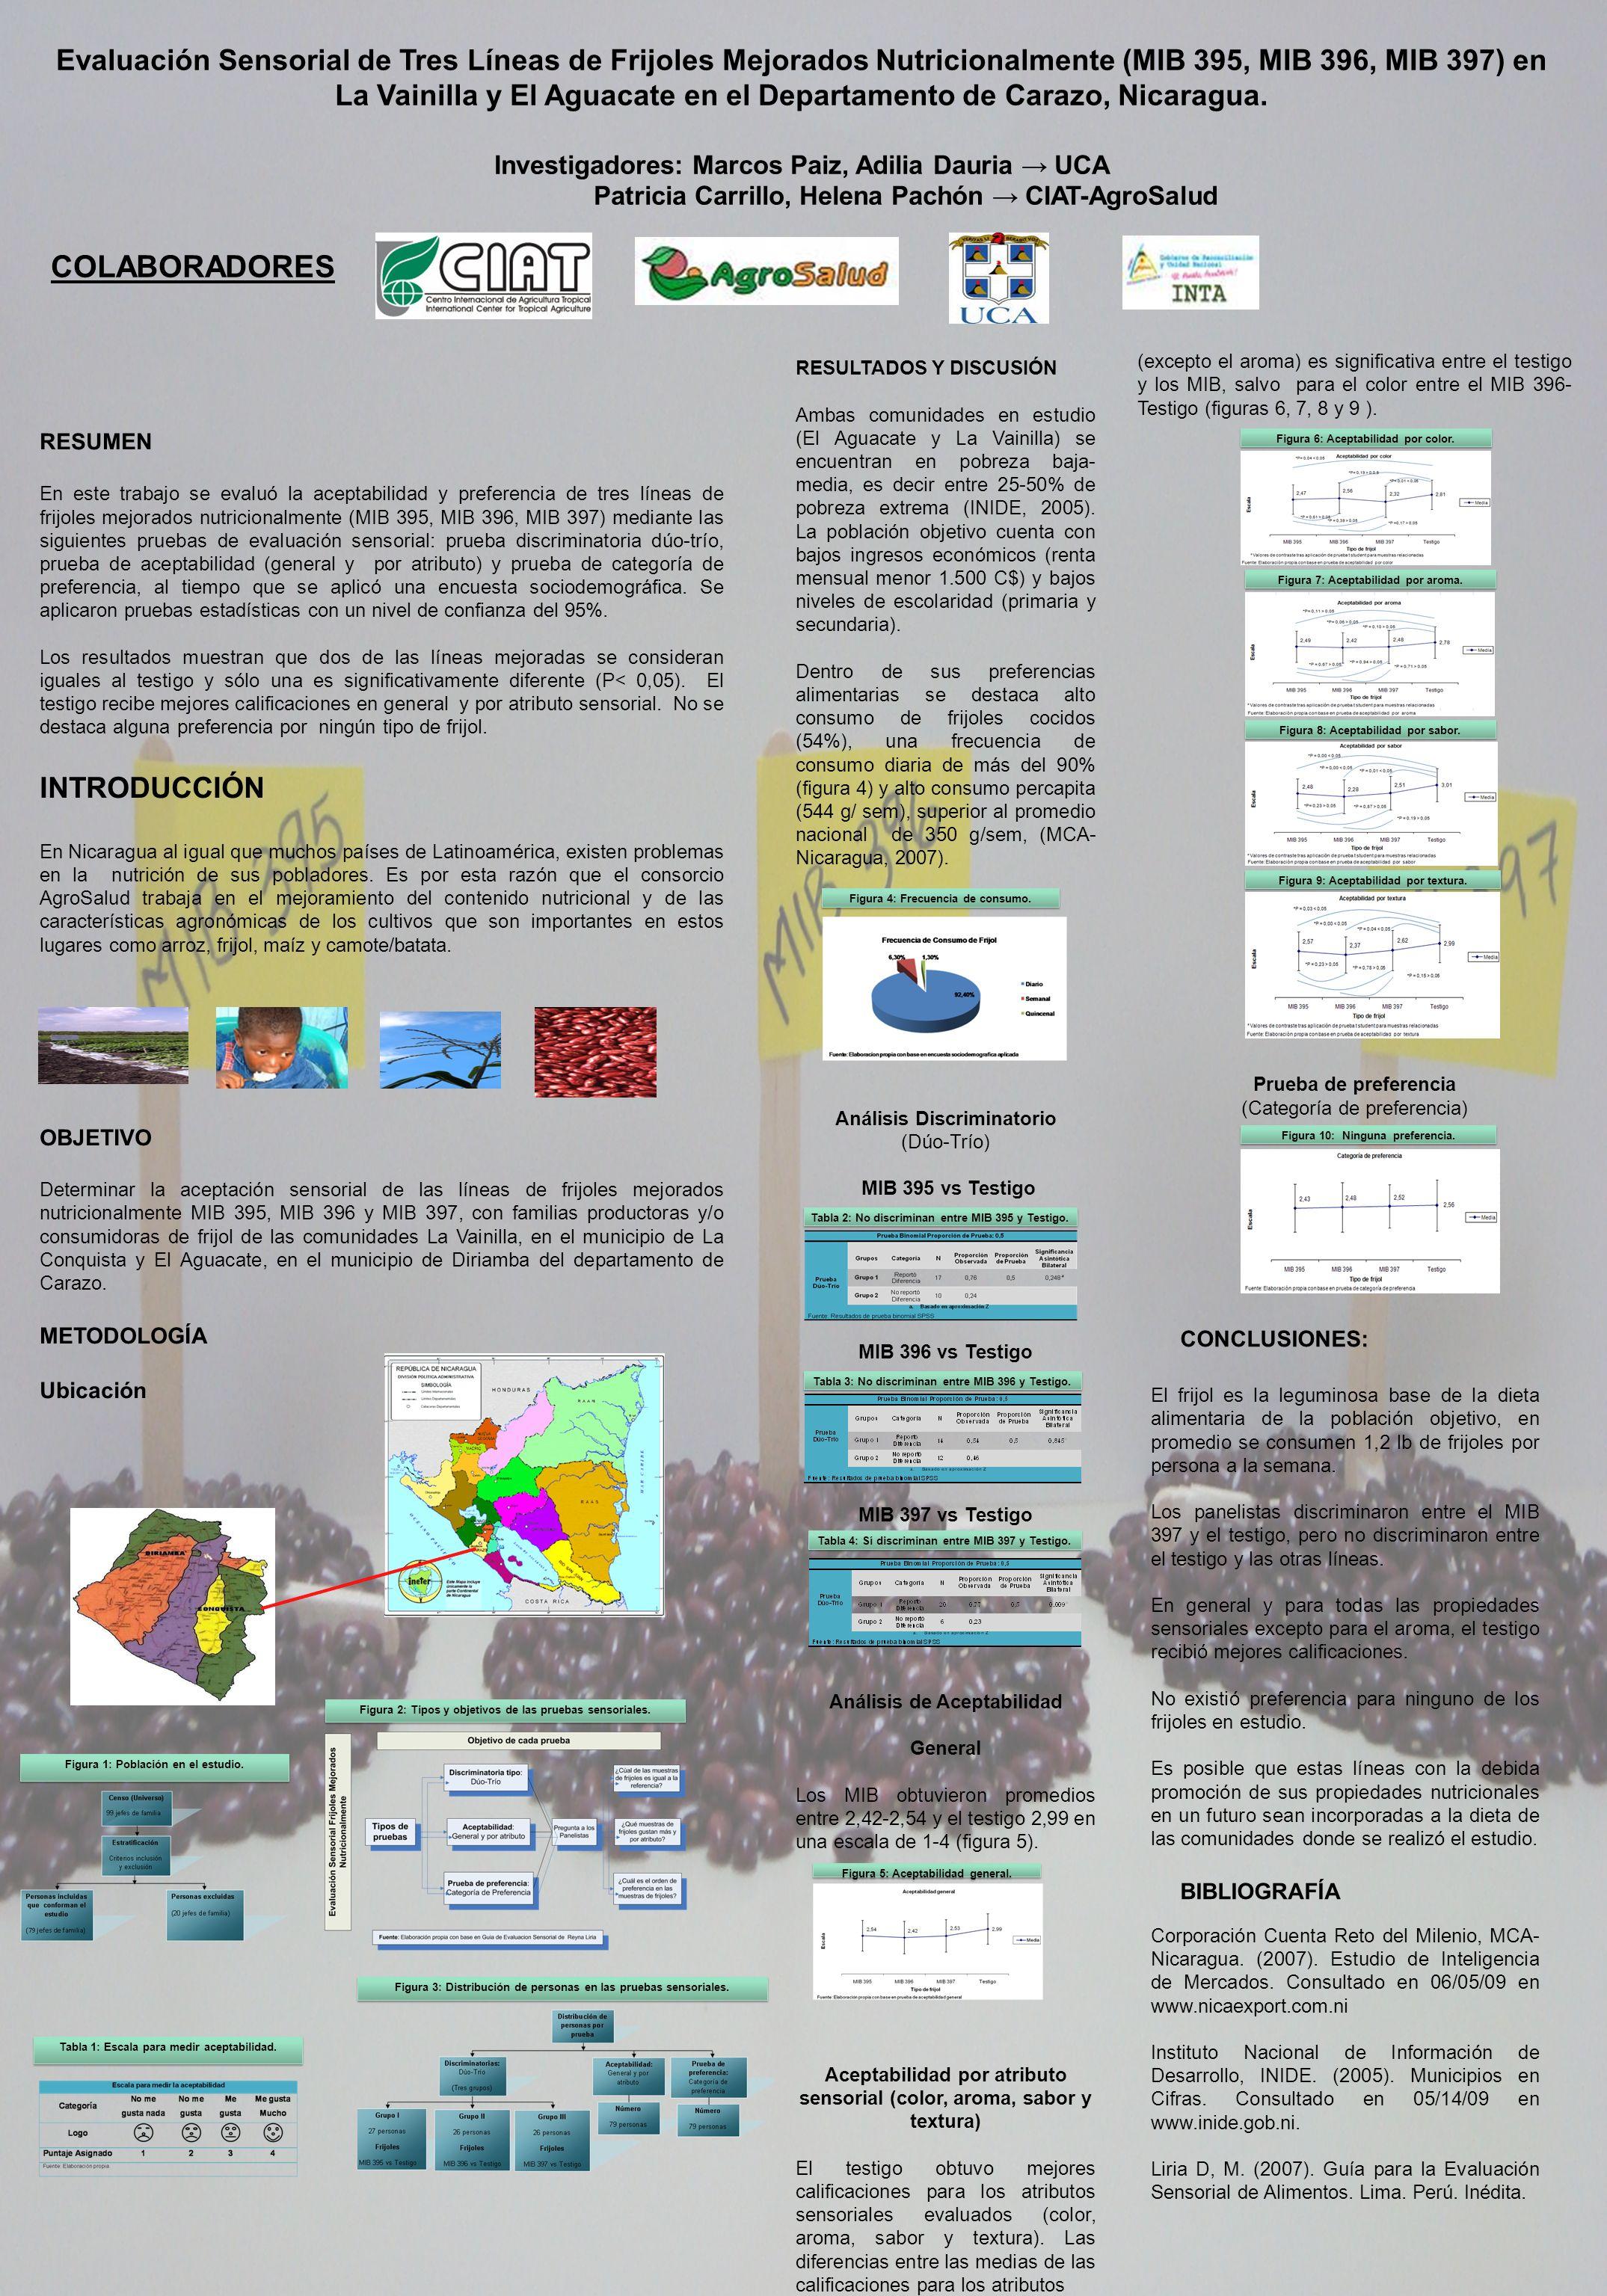 Evaluación Sensorial de Tres Líneas de Frijoles Mejorados Nutricionalmente (MIB 395, MIB 396, MIB 397) en La Vainilla y El Aguacate en el Departamento